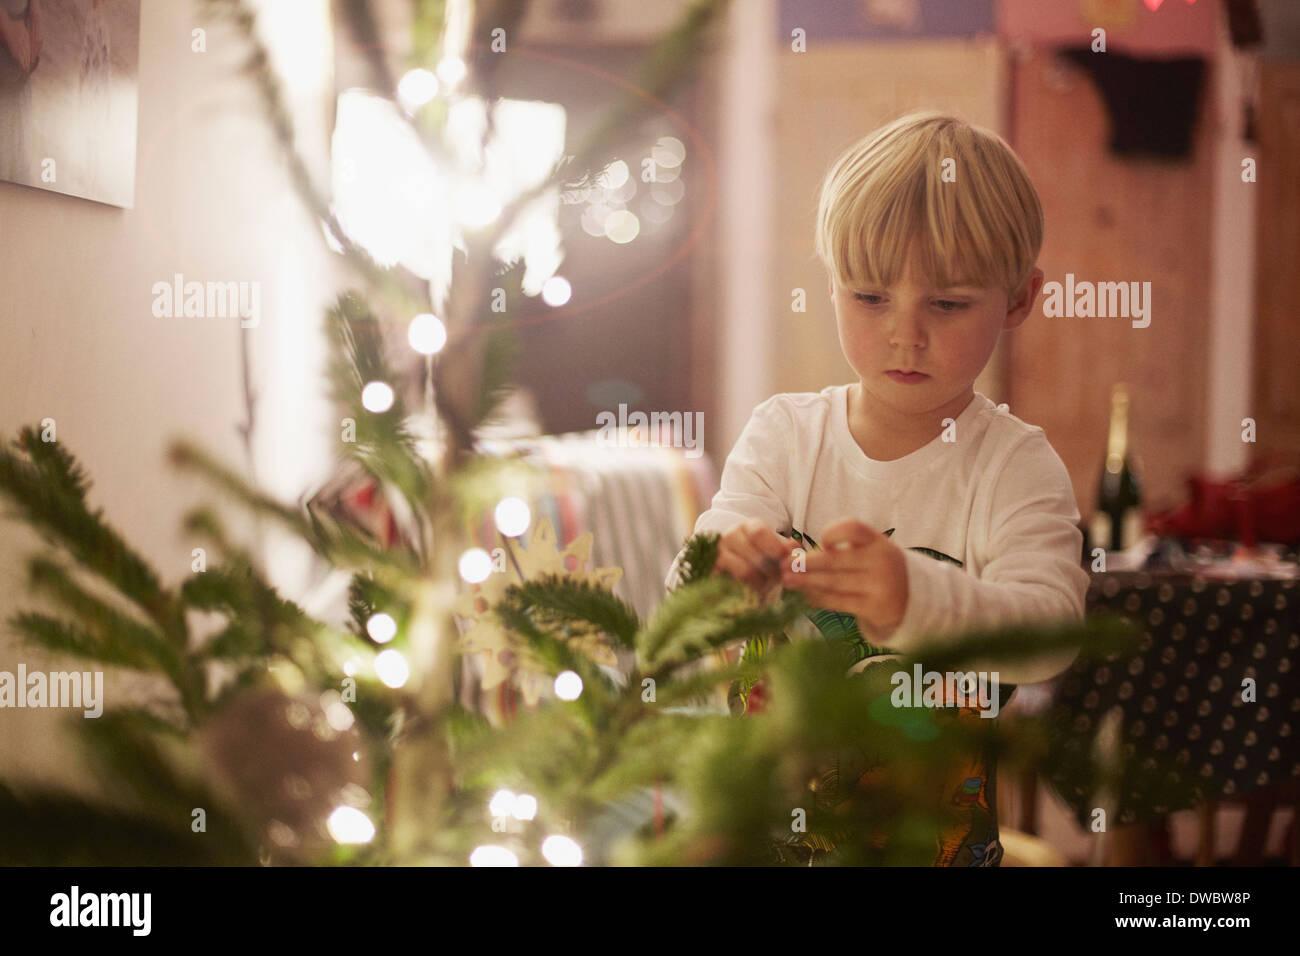 Joven decorar el árbol de navidad Imagen De Stock